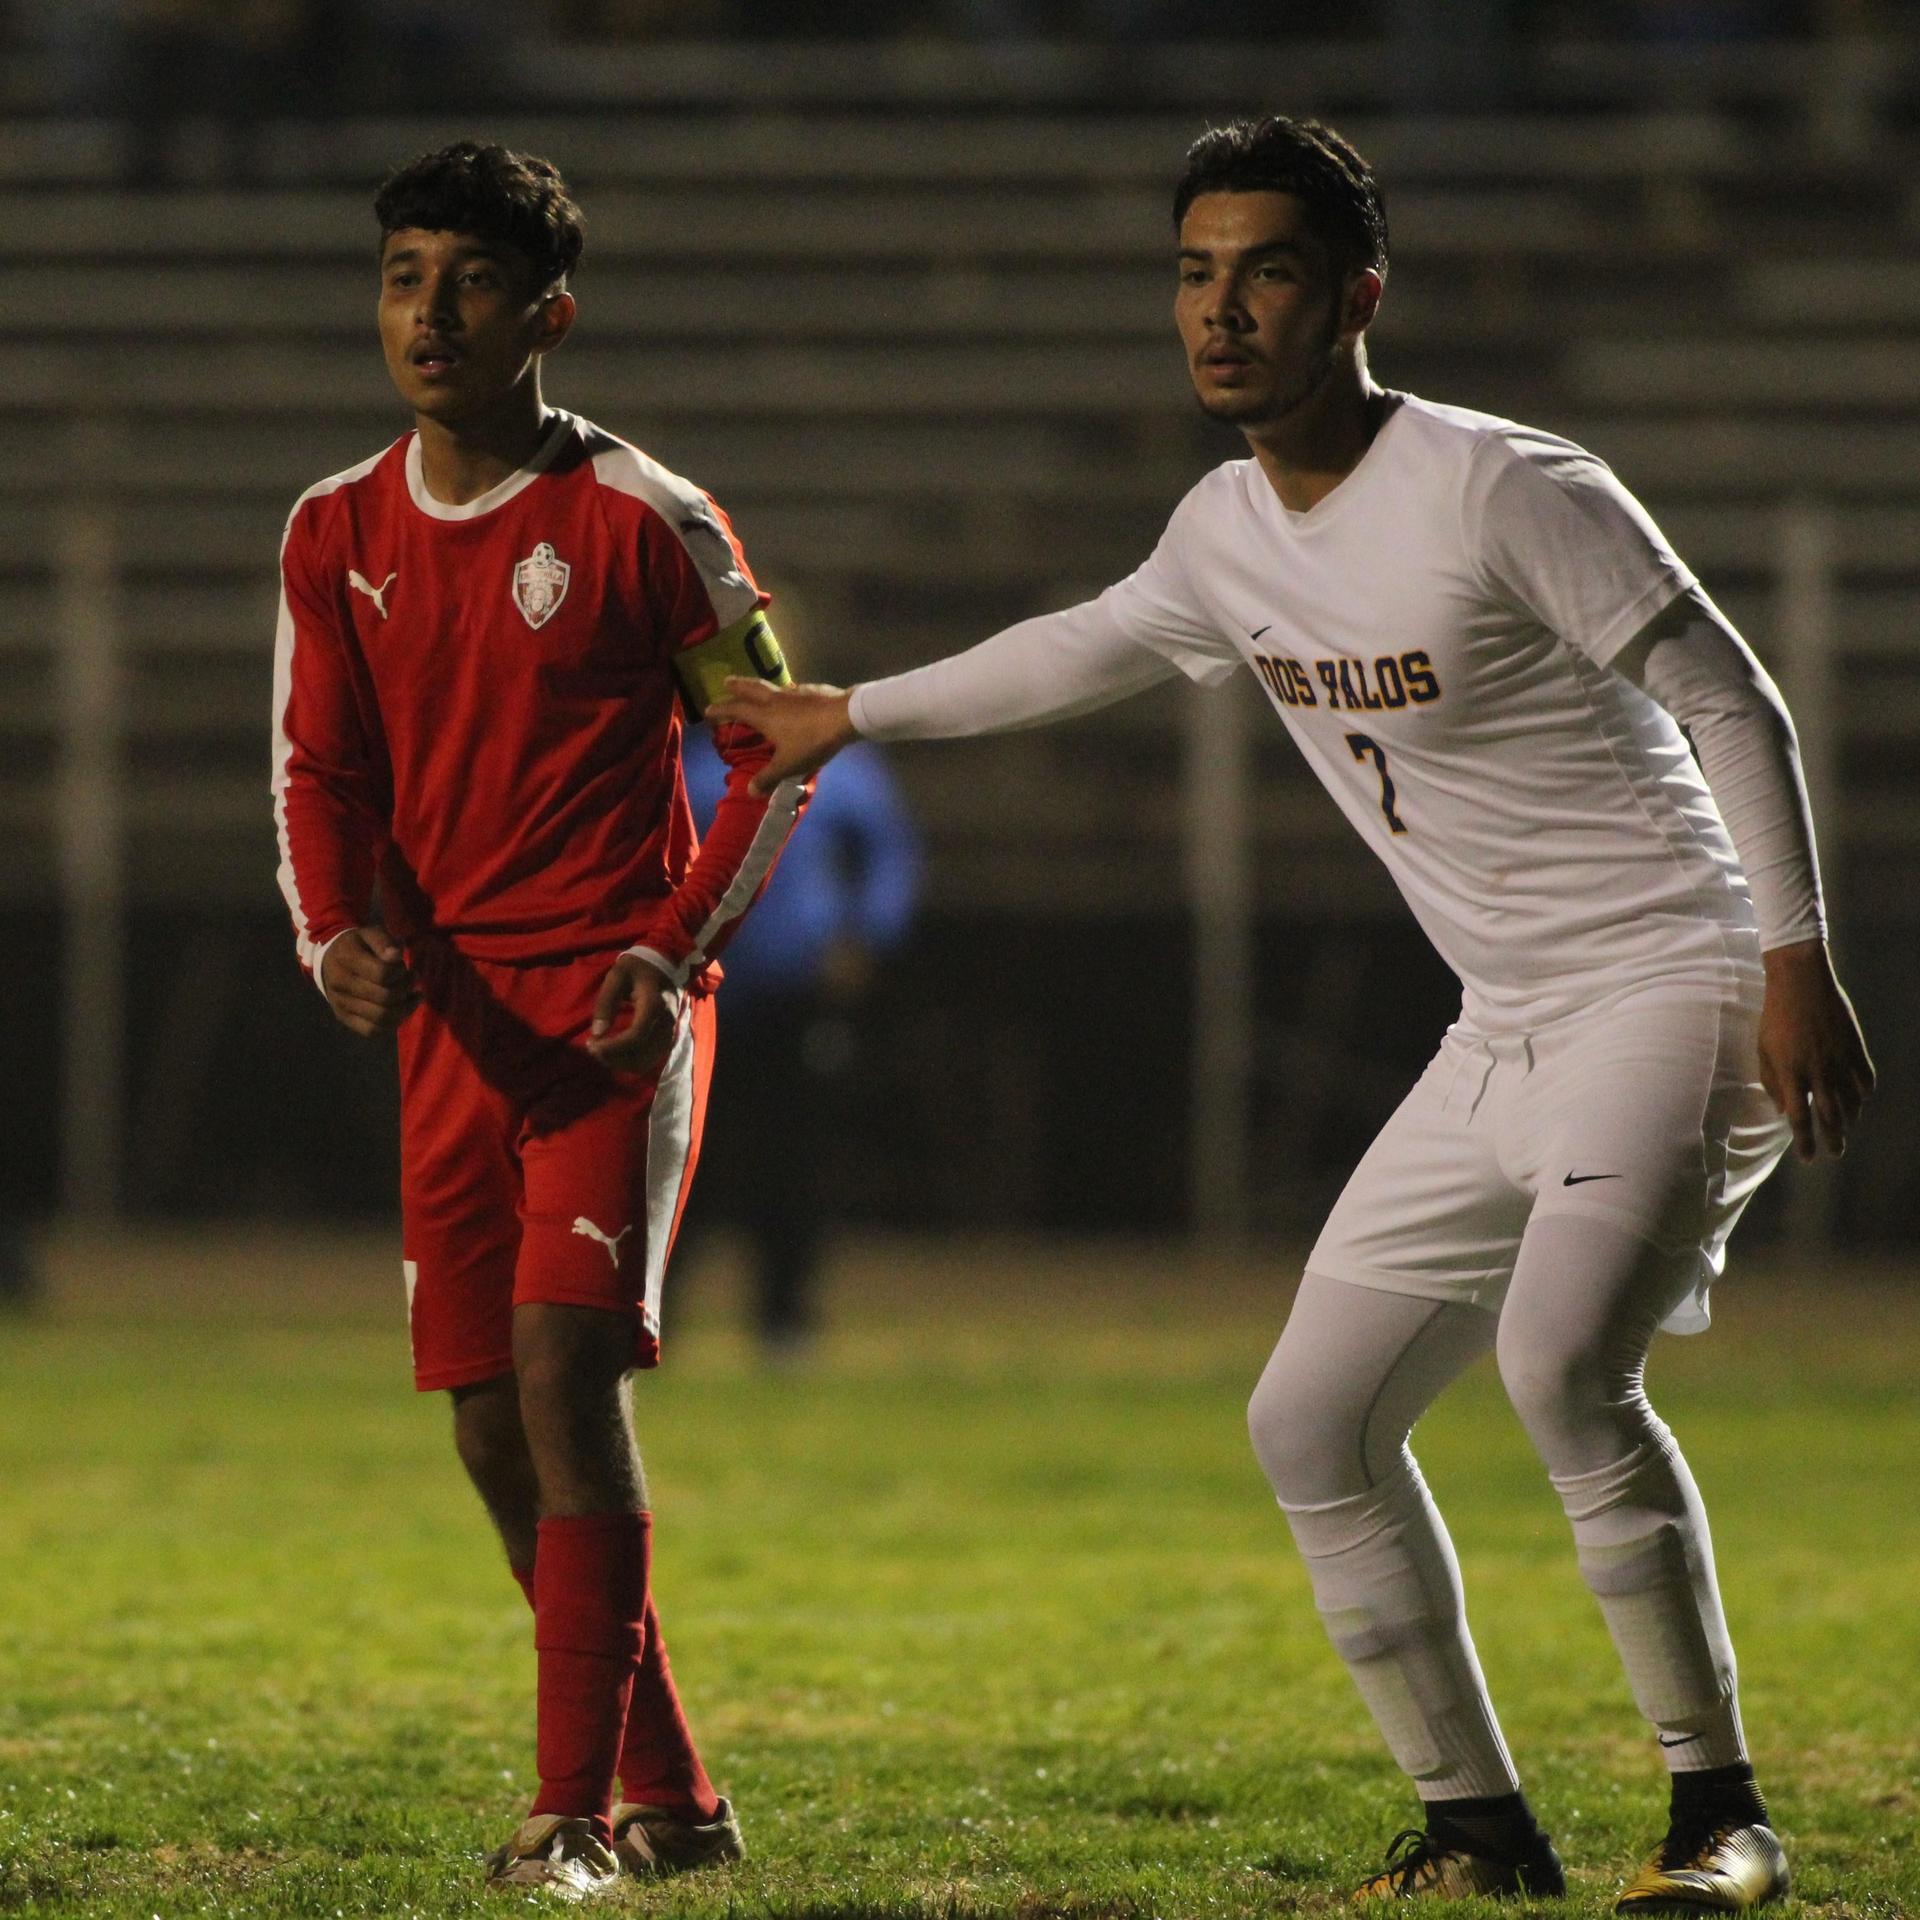 Luis Reyes with opposing team